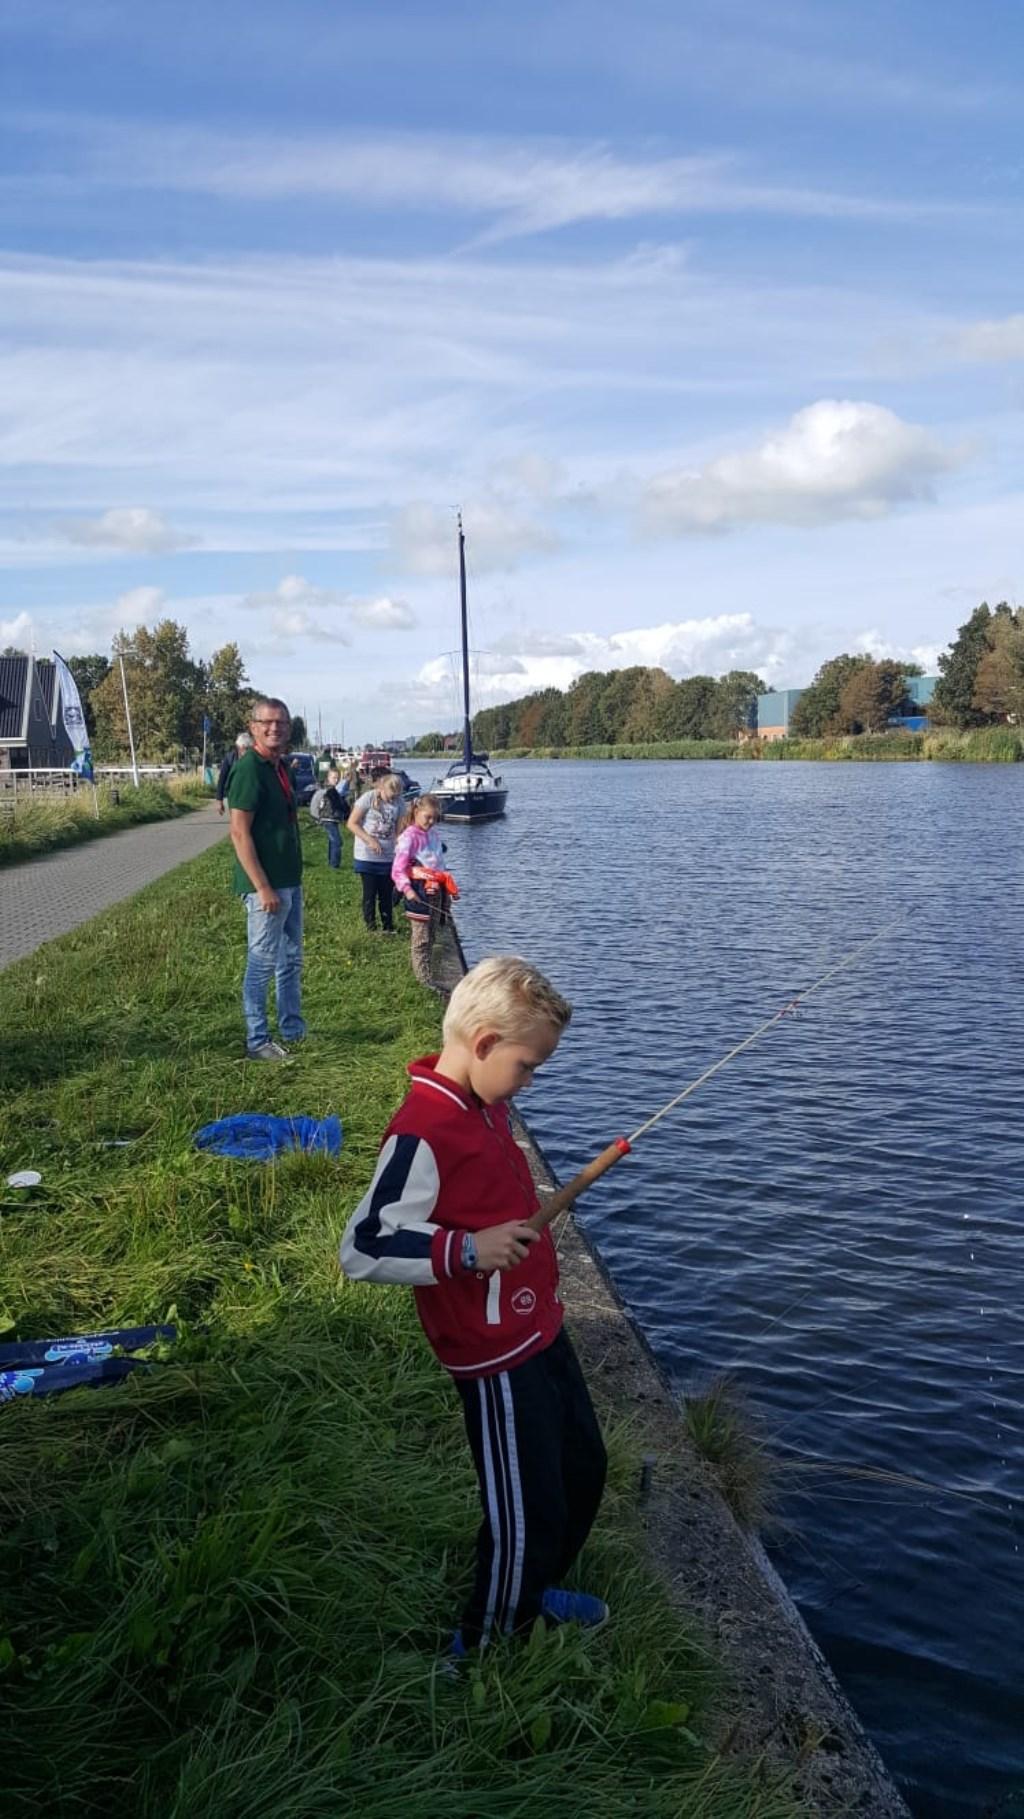 Groepje kinderen vangen vissen tijdens cursus.  © rodi